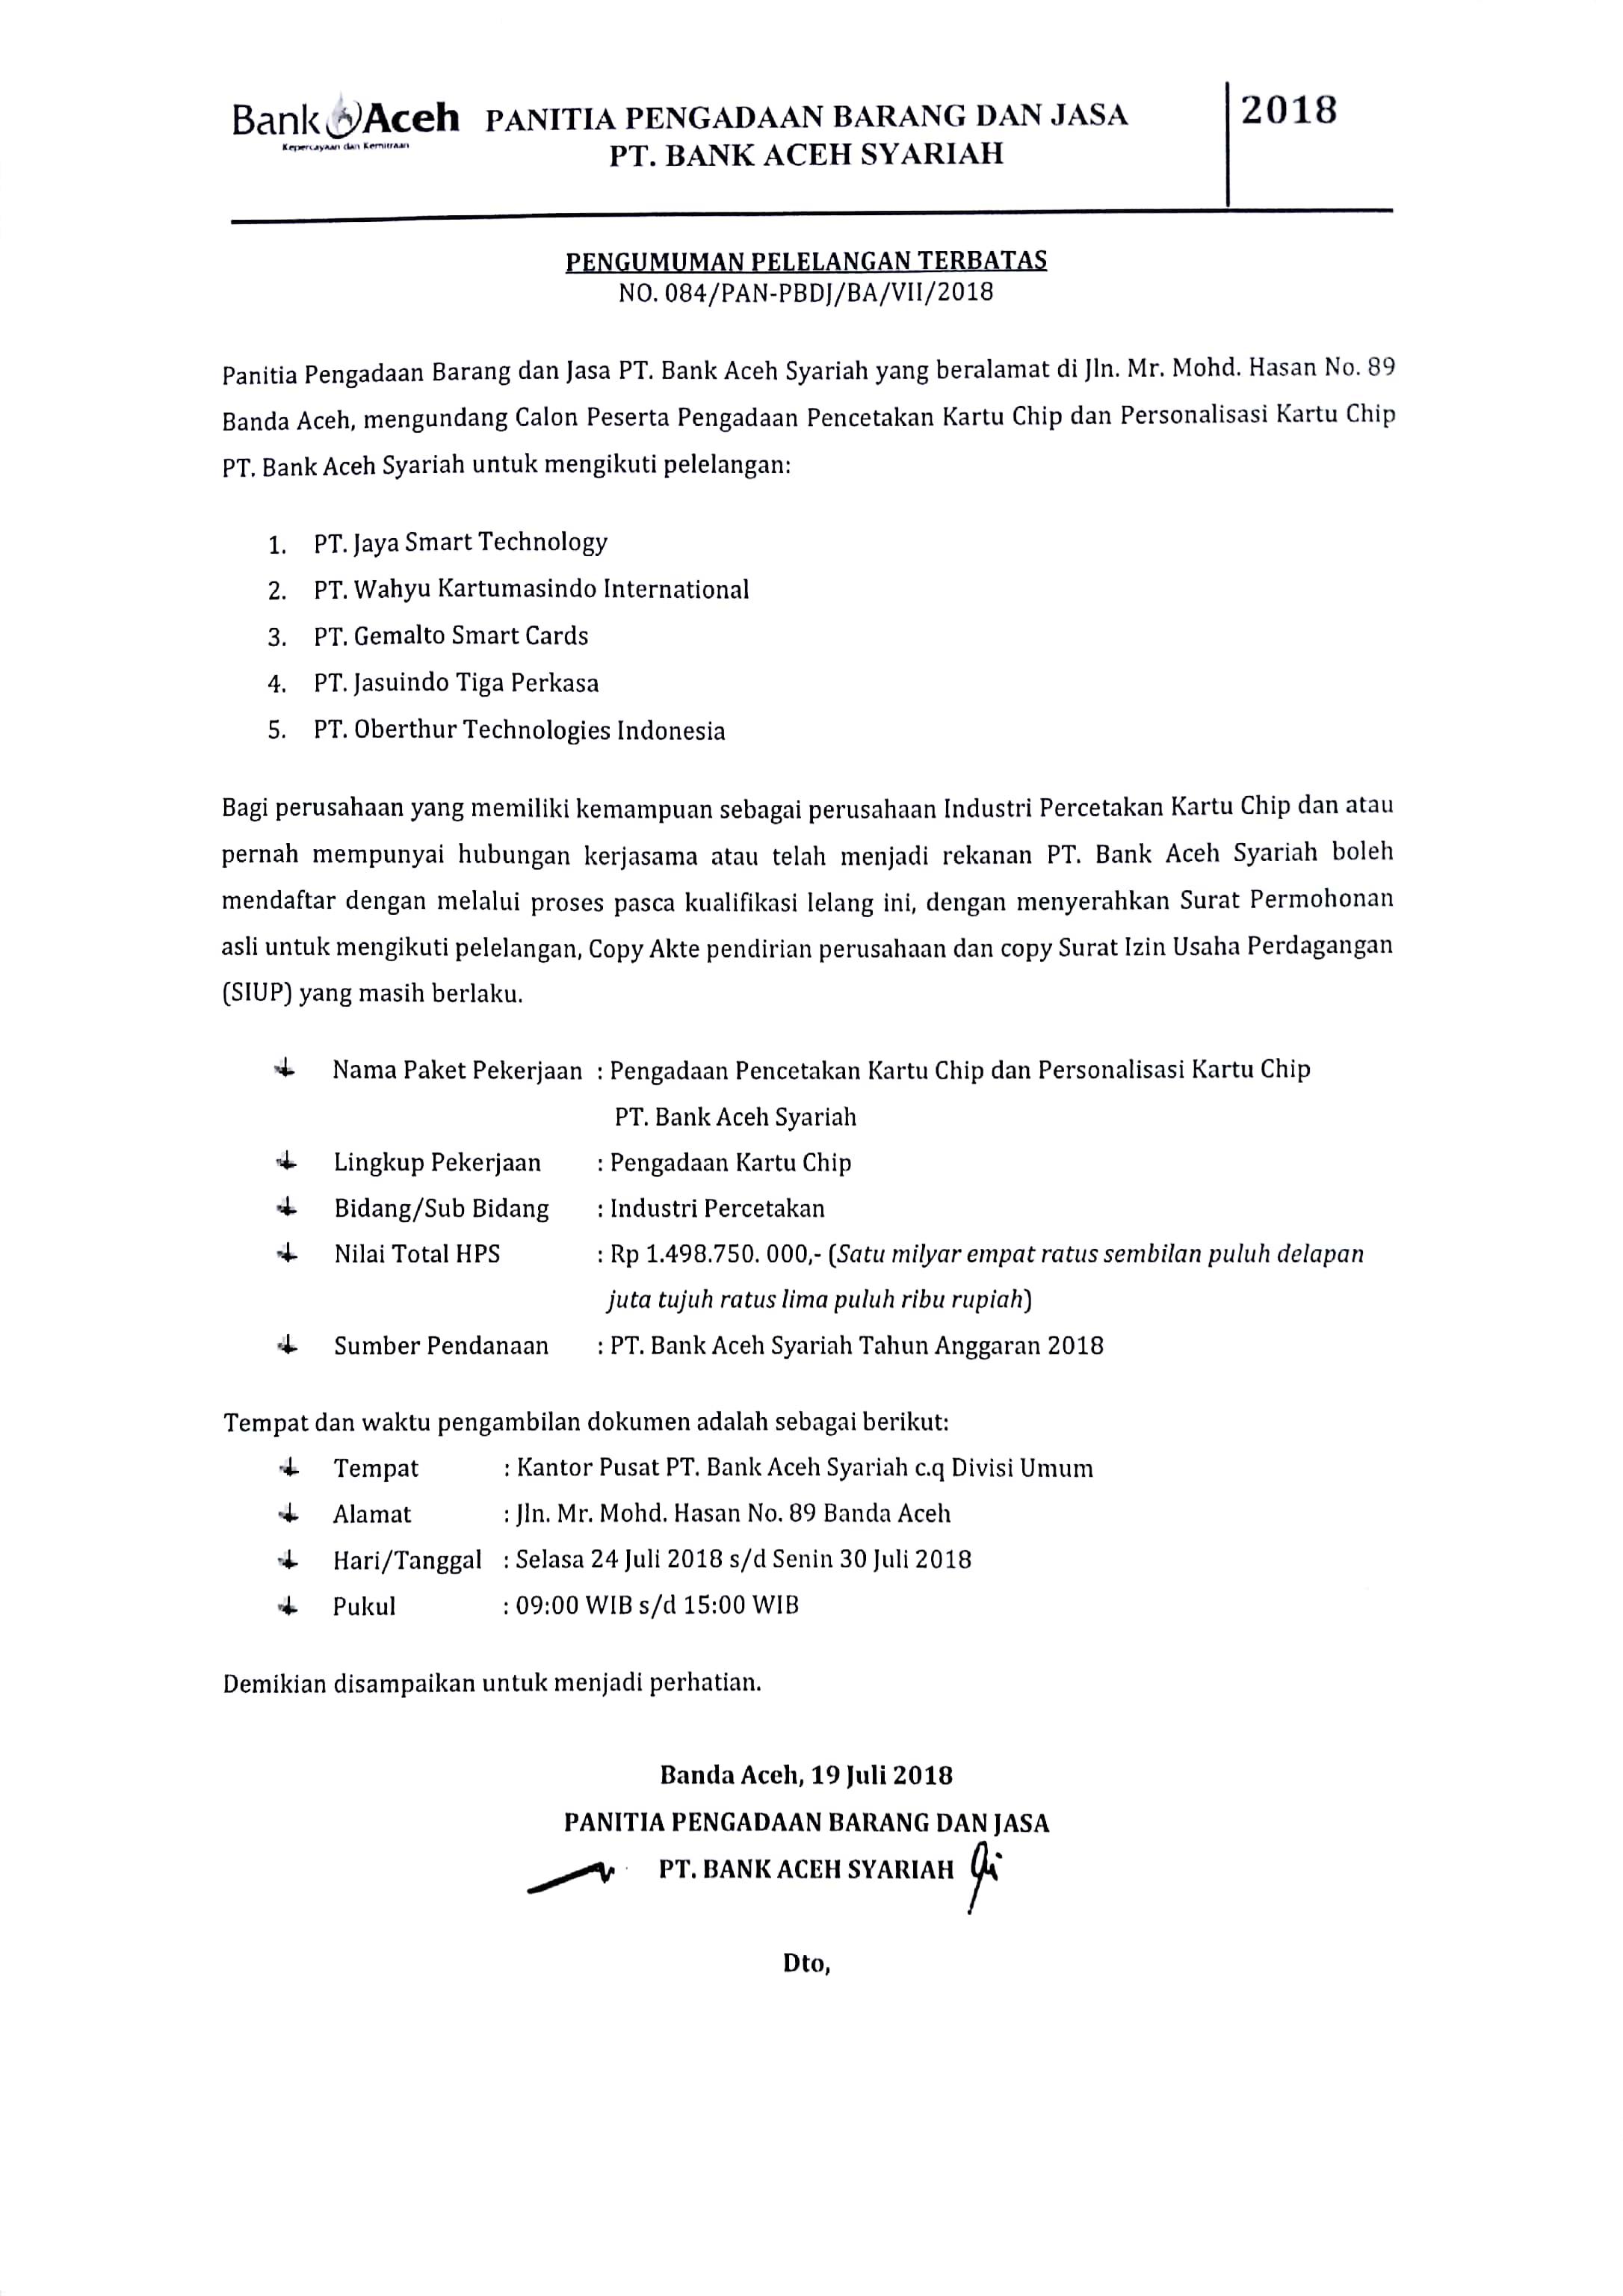 Pengumuman Pelelangan Terbatas Bank Aceh